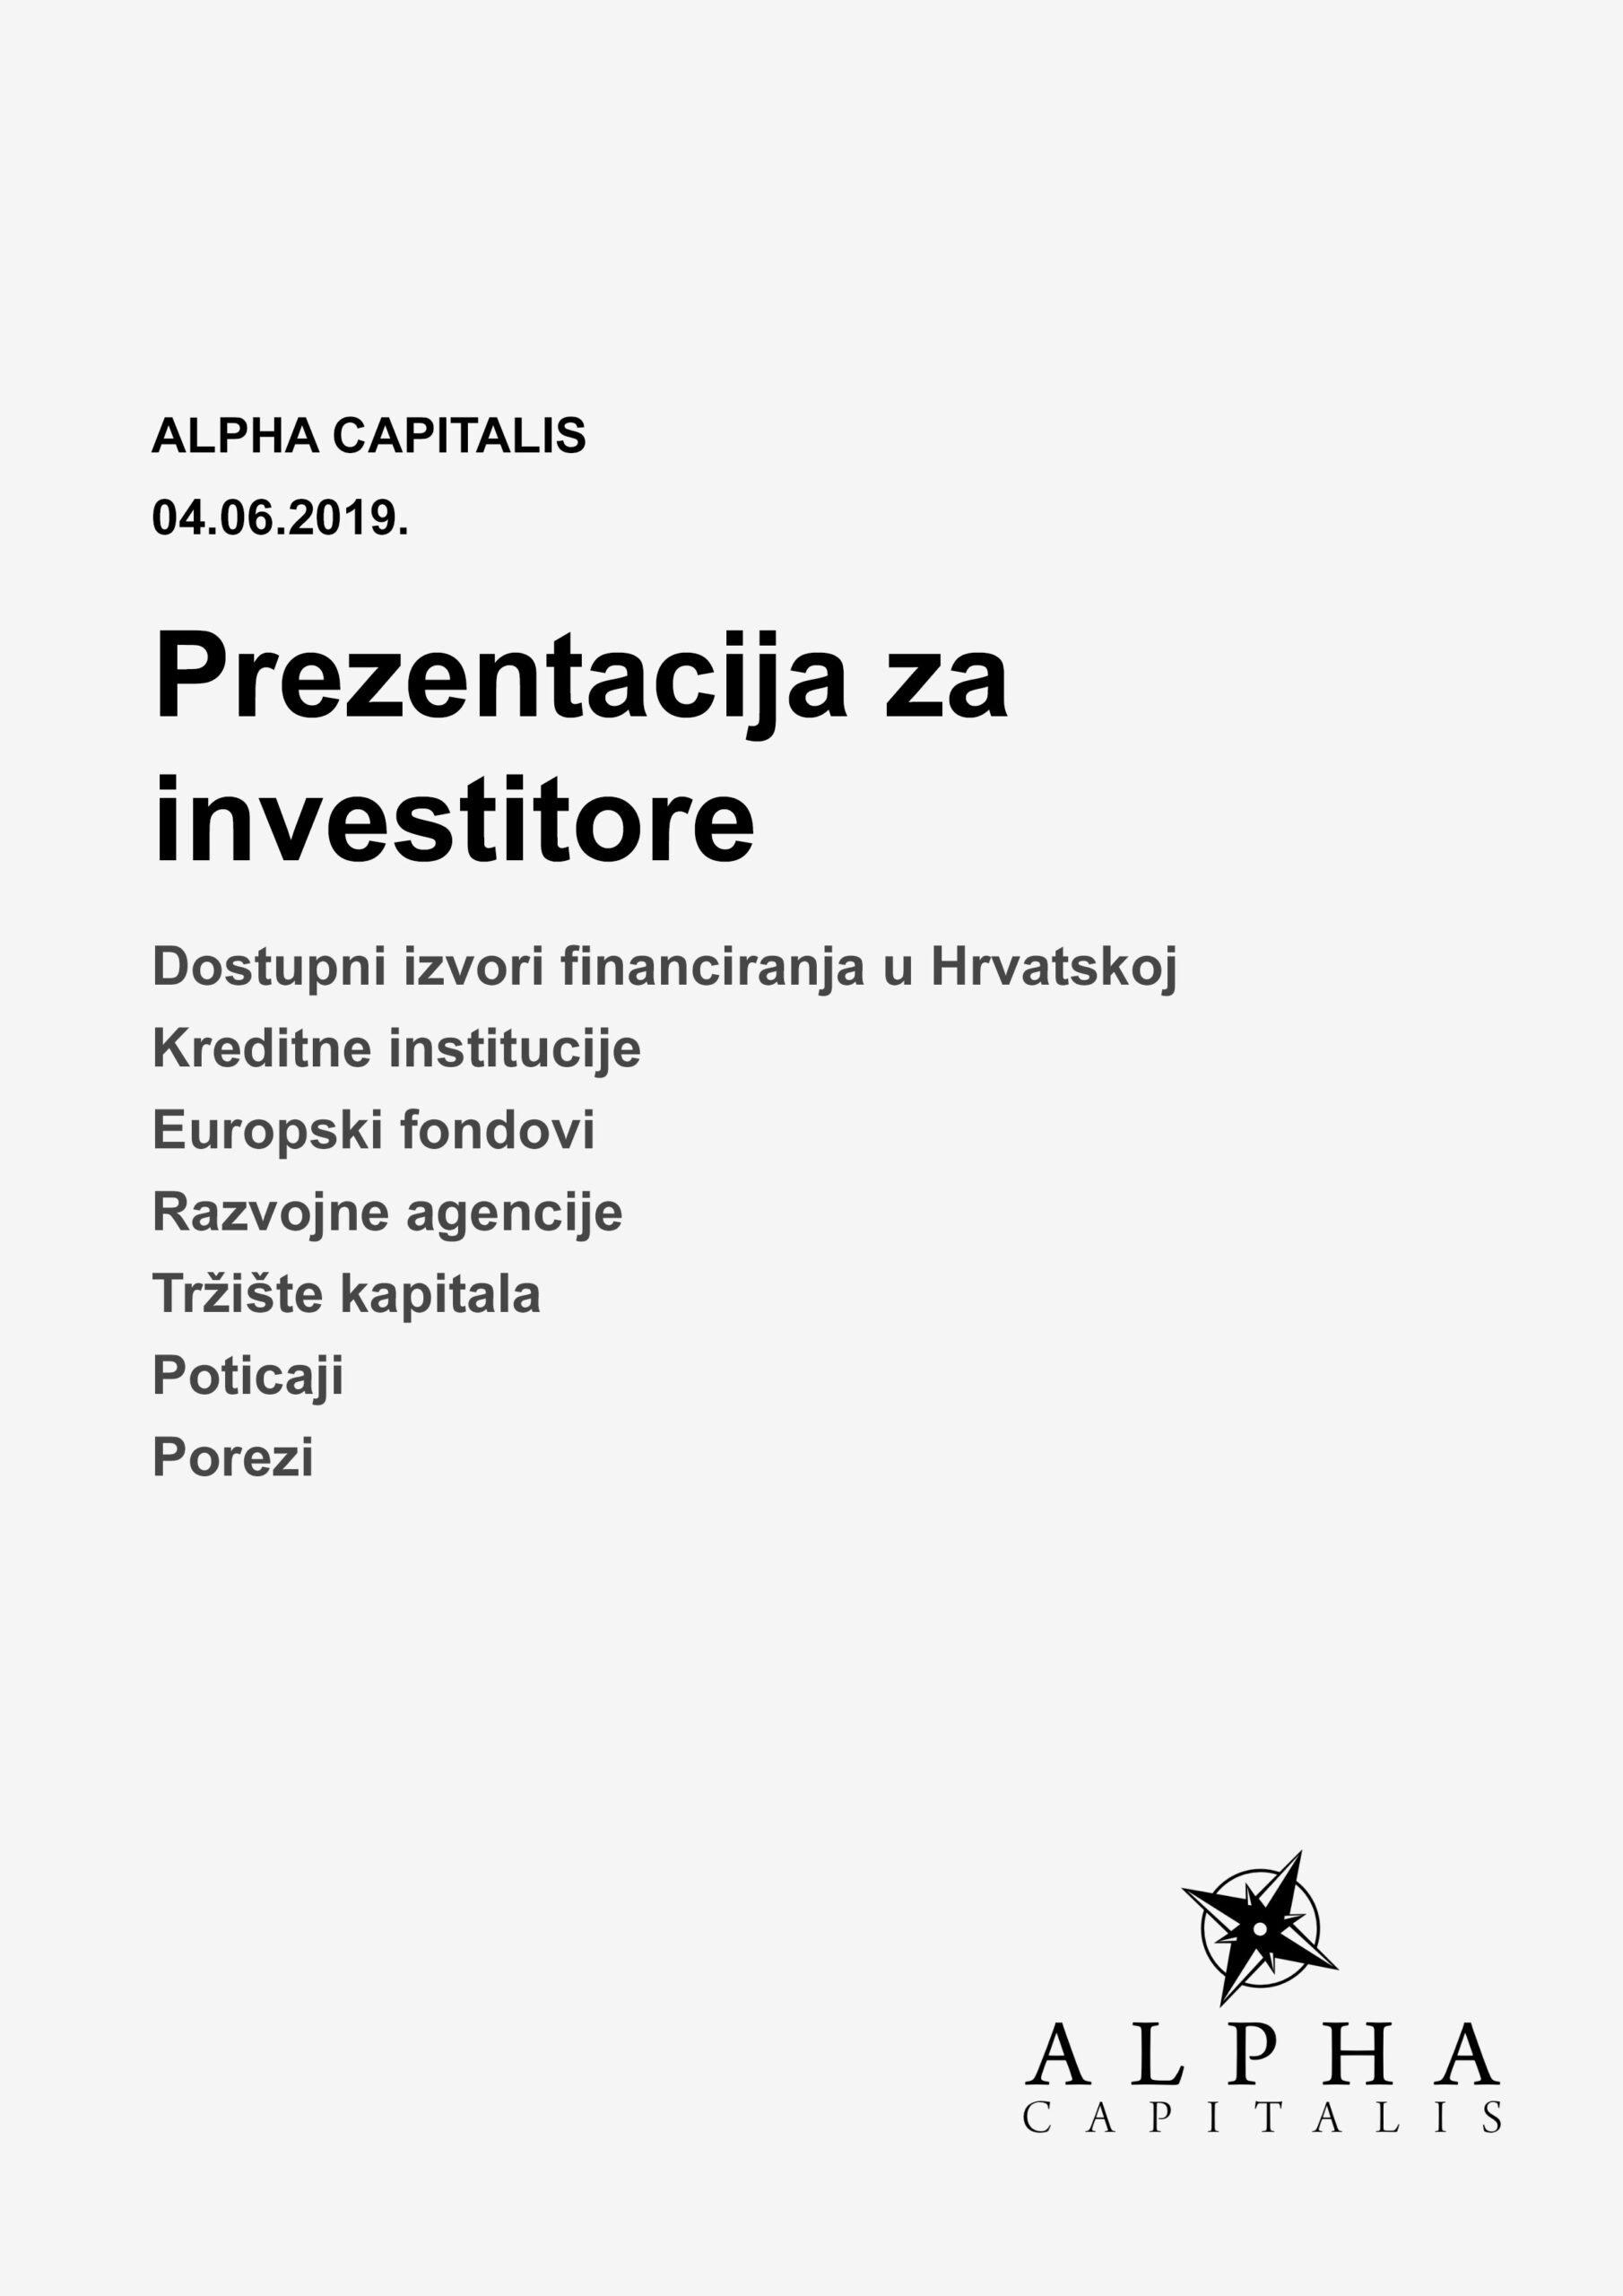 Alpha-capitalis-prezentacija-za-investitore